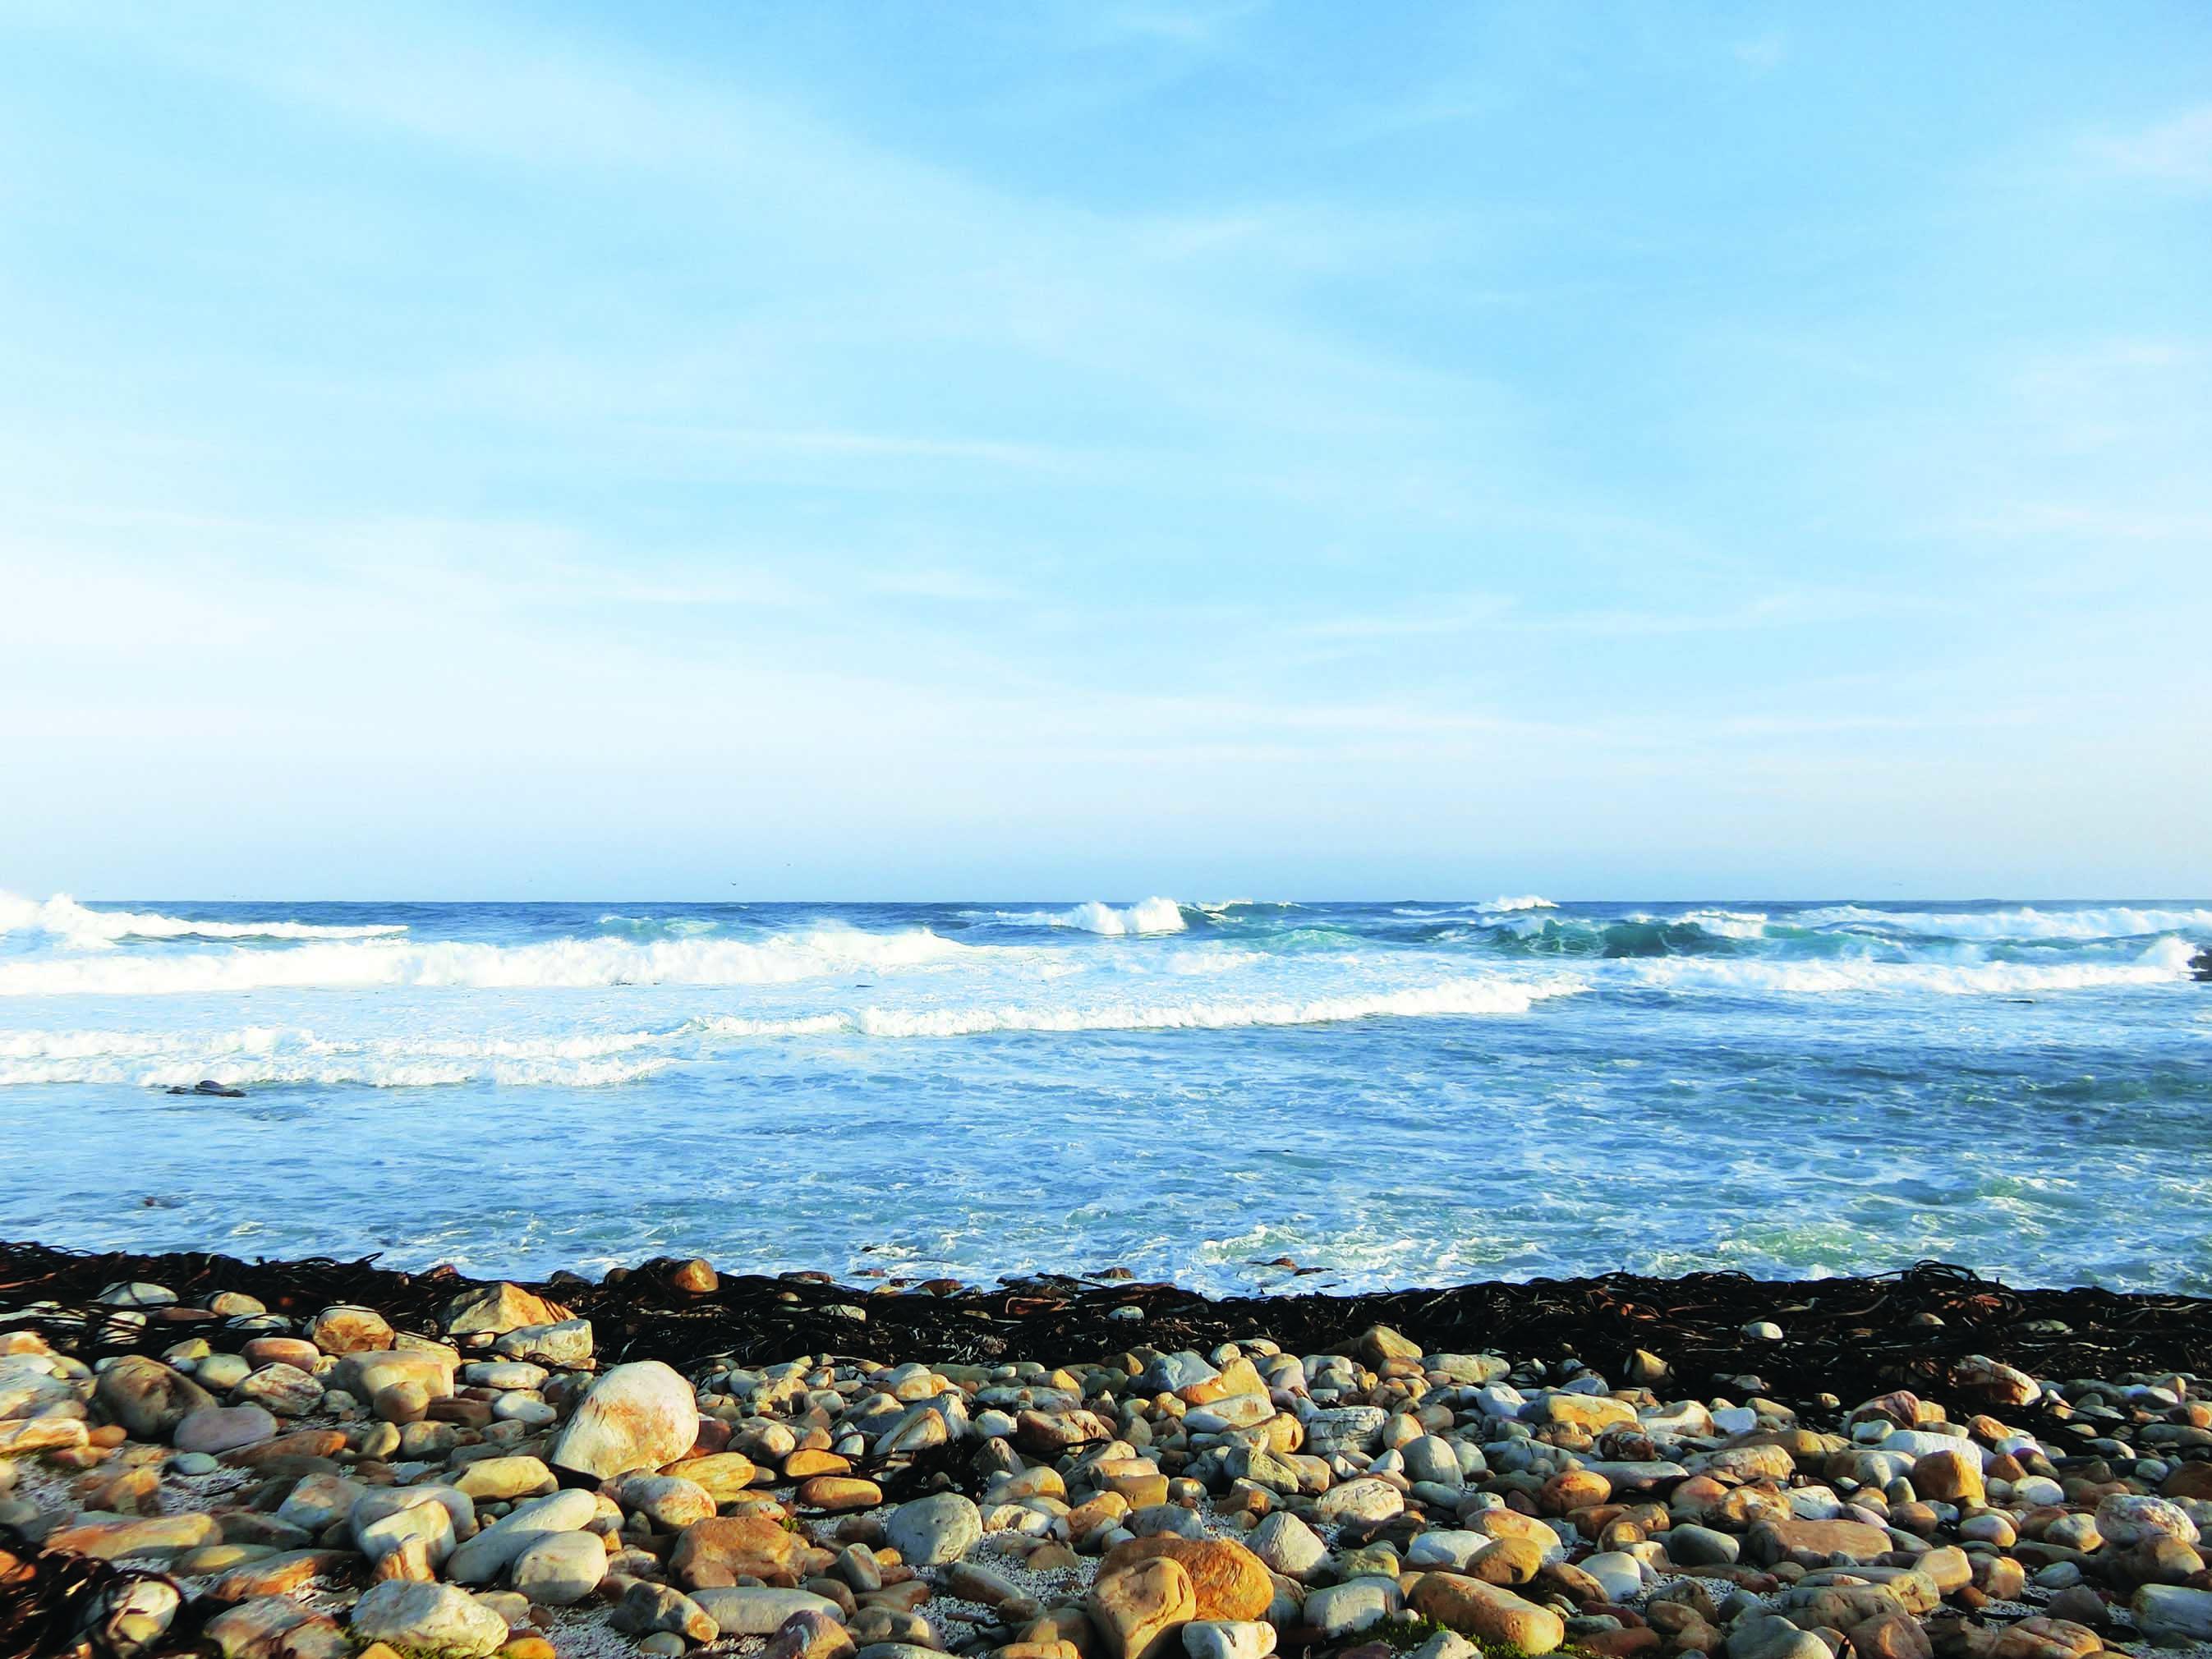 蔚蓝的波涛托着白色的浪花奔涌而来。